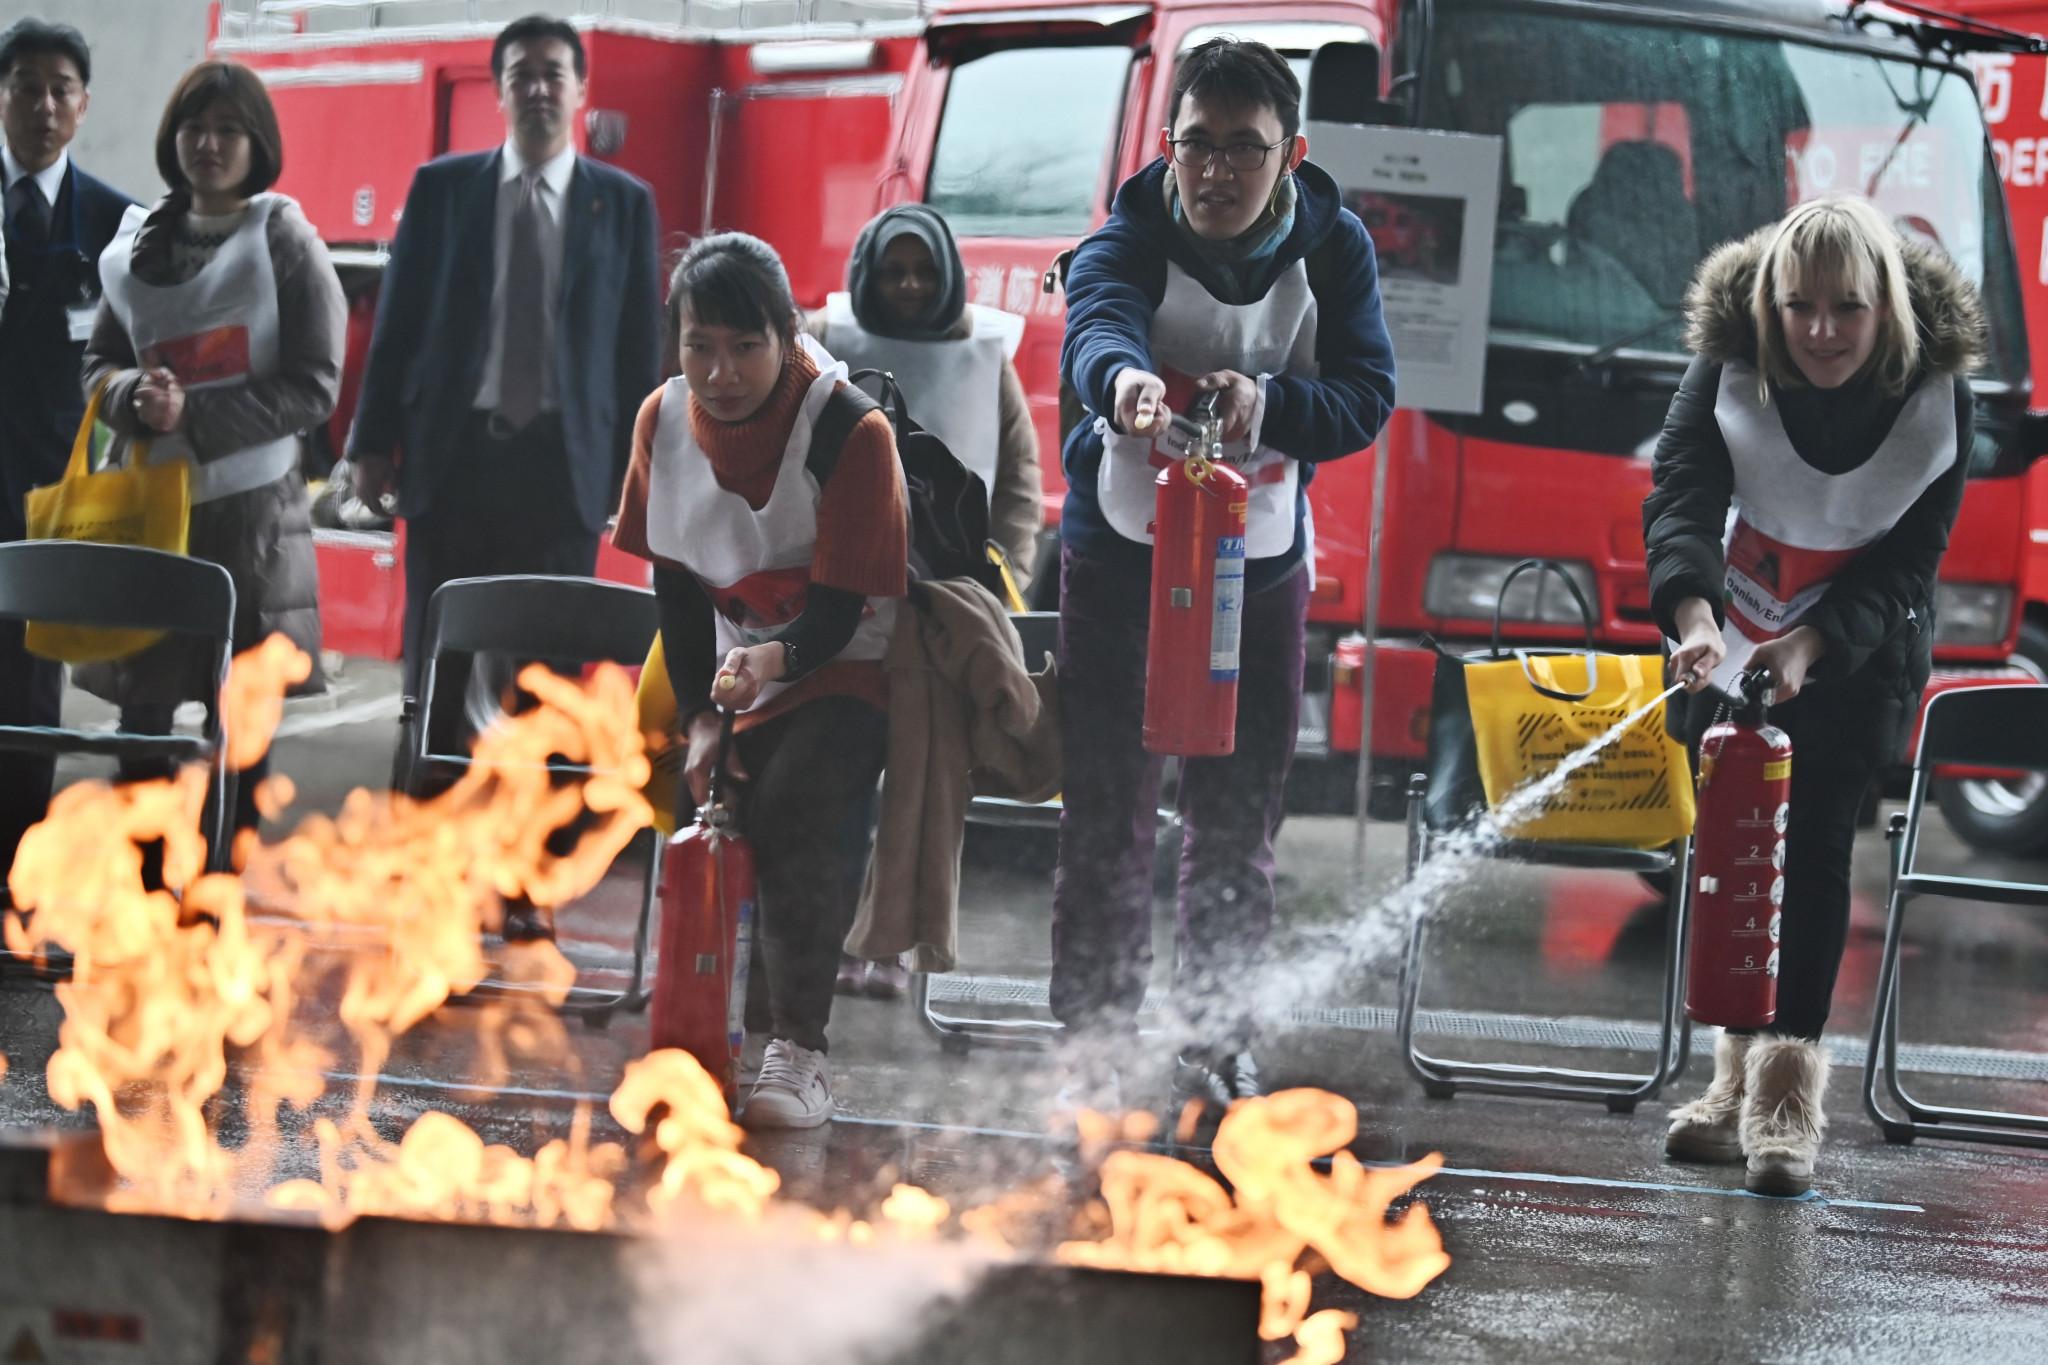 Tokyo 2020 run drills preparing visitors for natural disasters